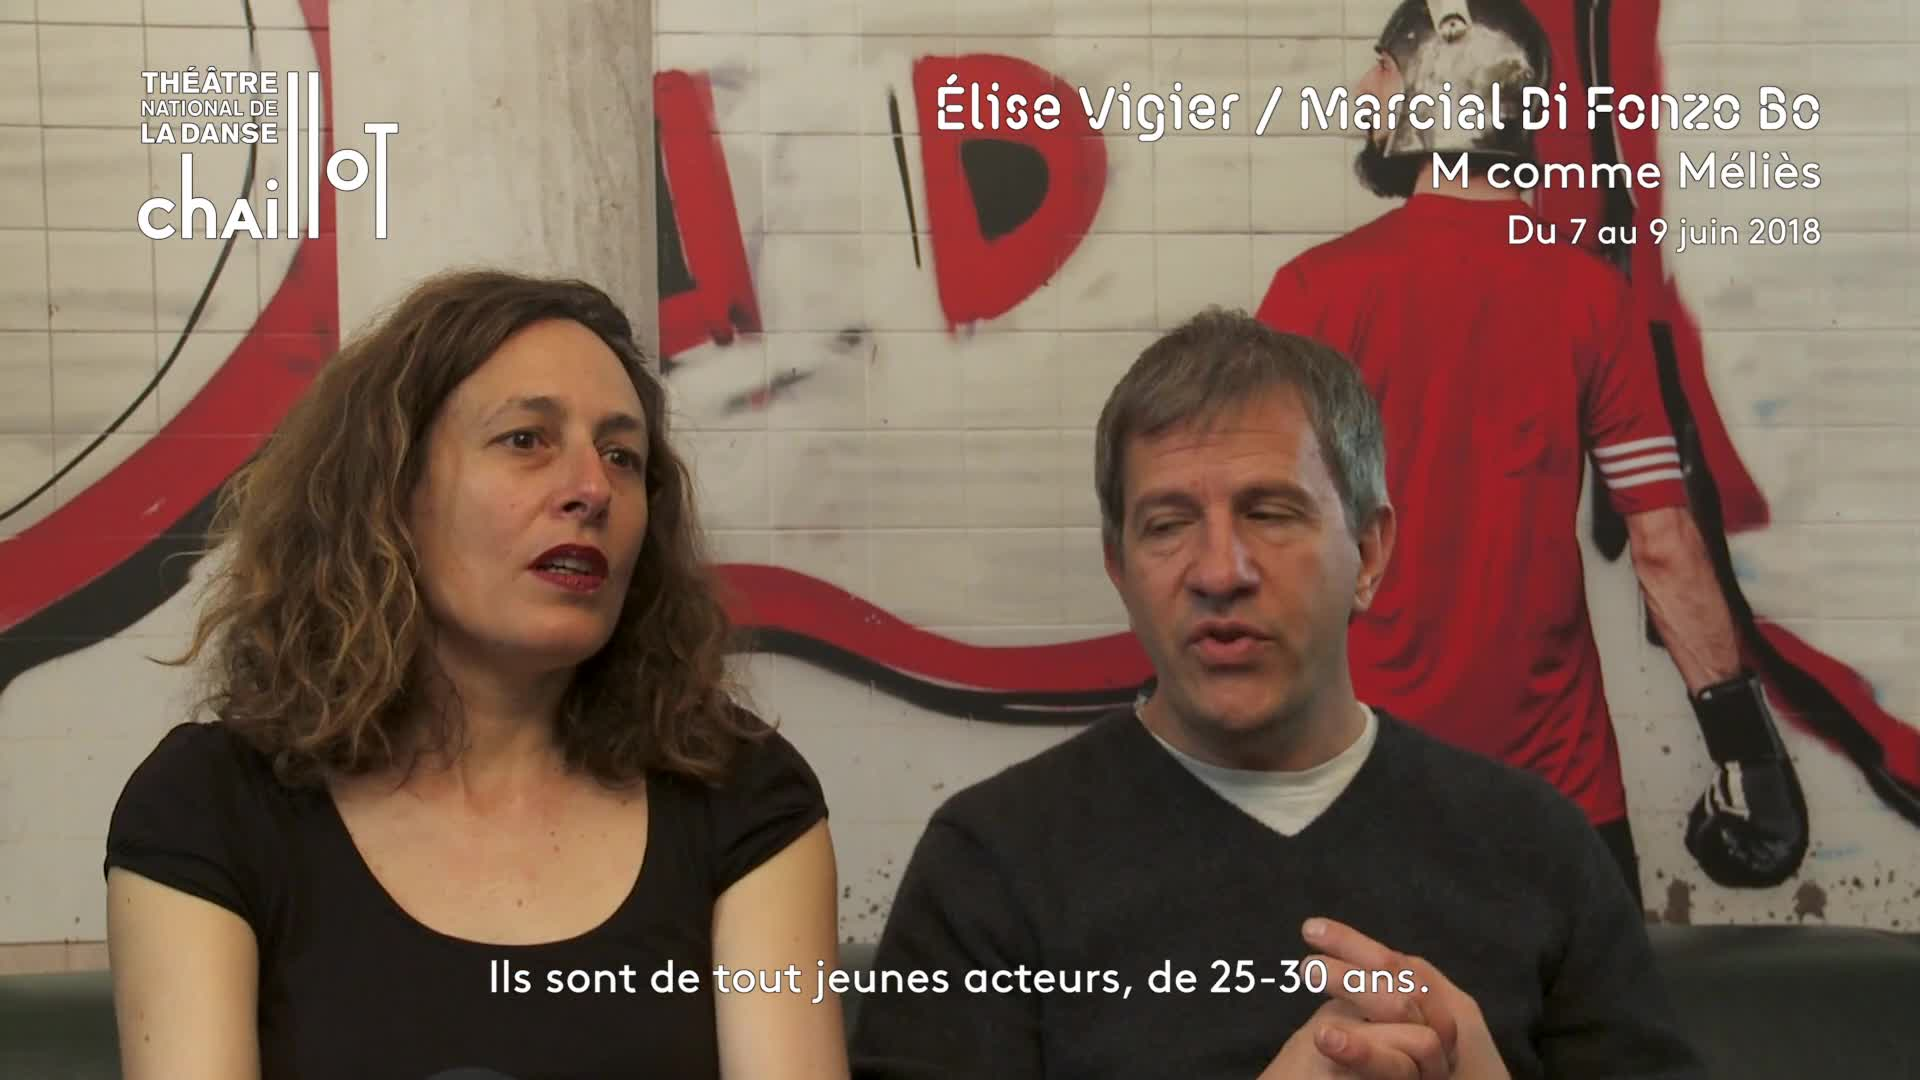 """Vidéo """"M, comme Méliès"""" - Entretien avec Elise Vigier & Marcial Di Fonzo Bo (2/2)"""